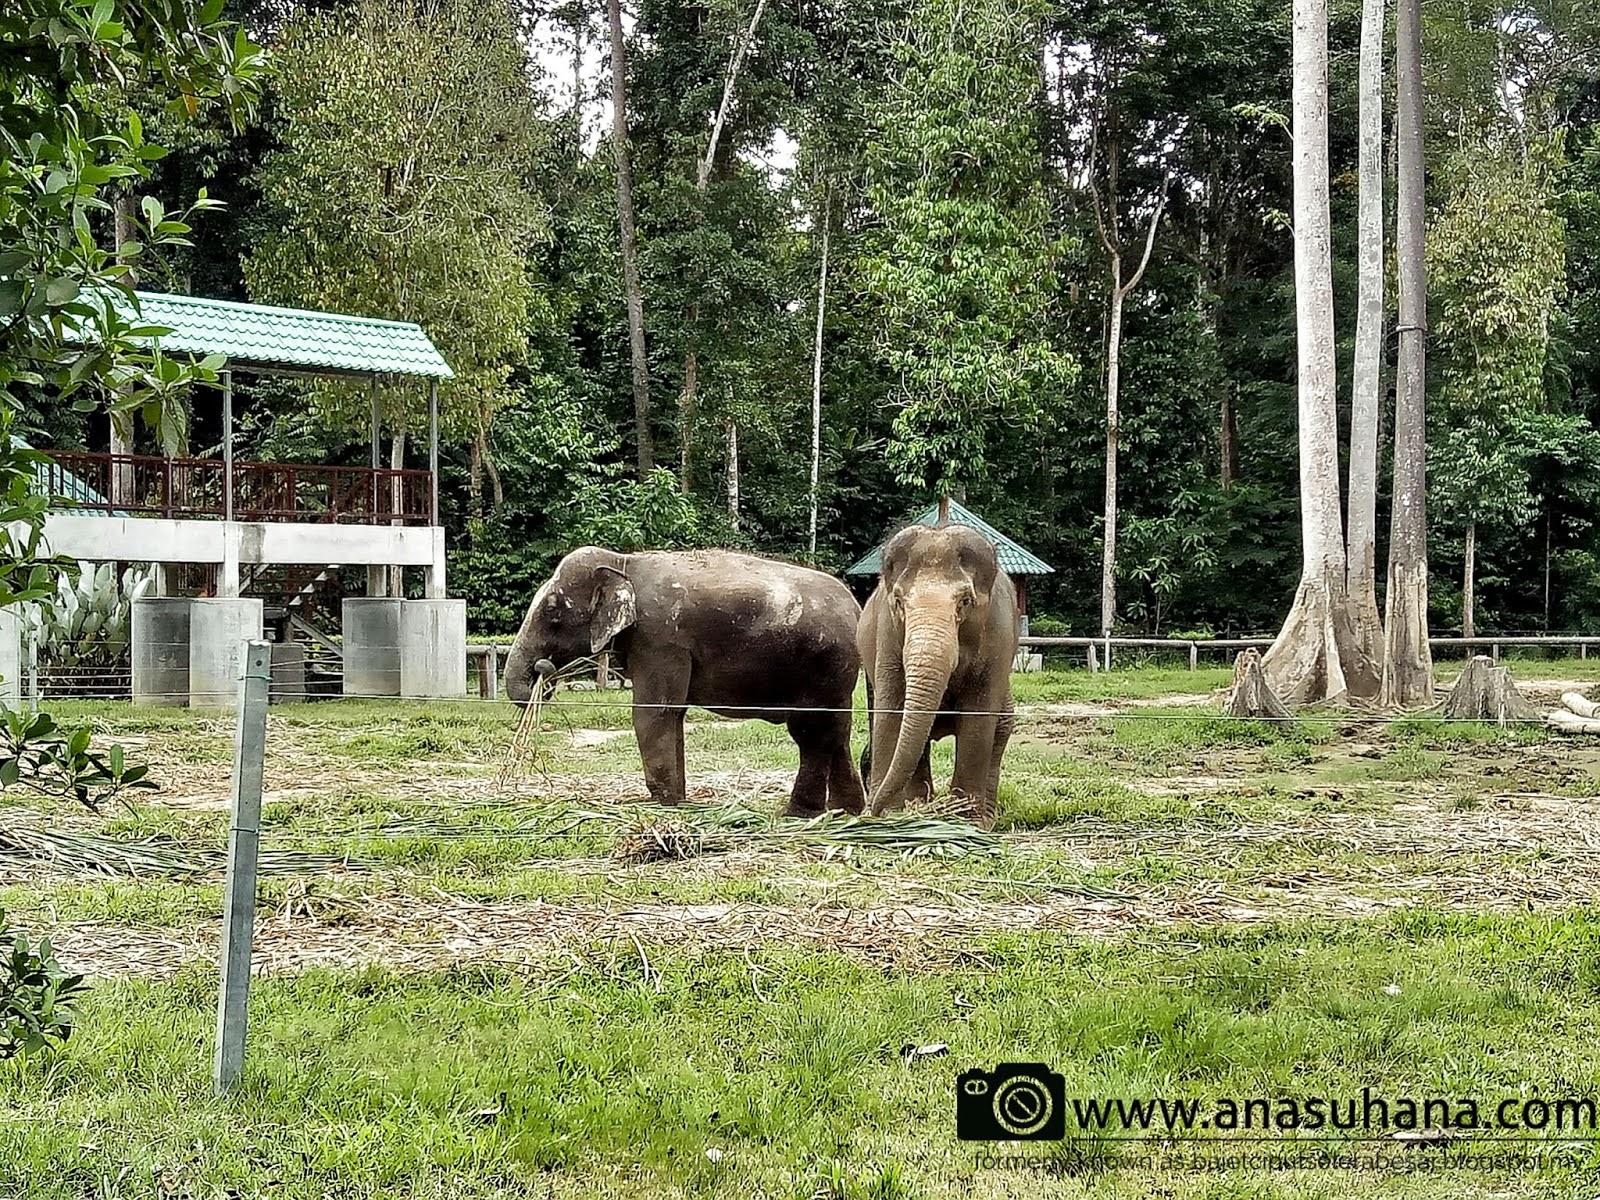 Tempat Menarik di Pahang : Pusat Konservasi Gajah Kebangsaan Kuala Gandah